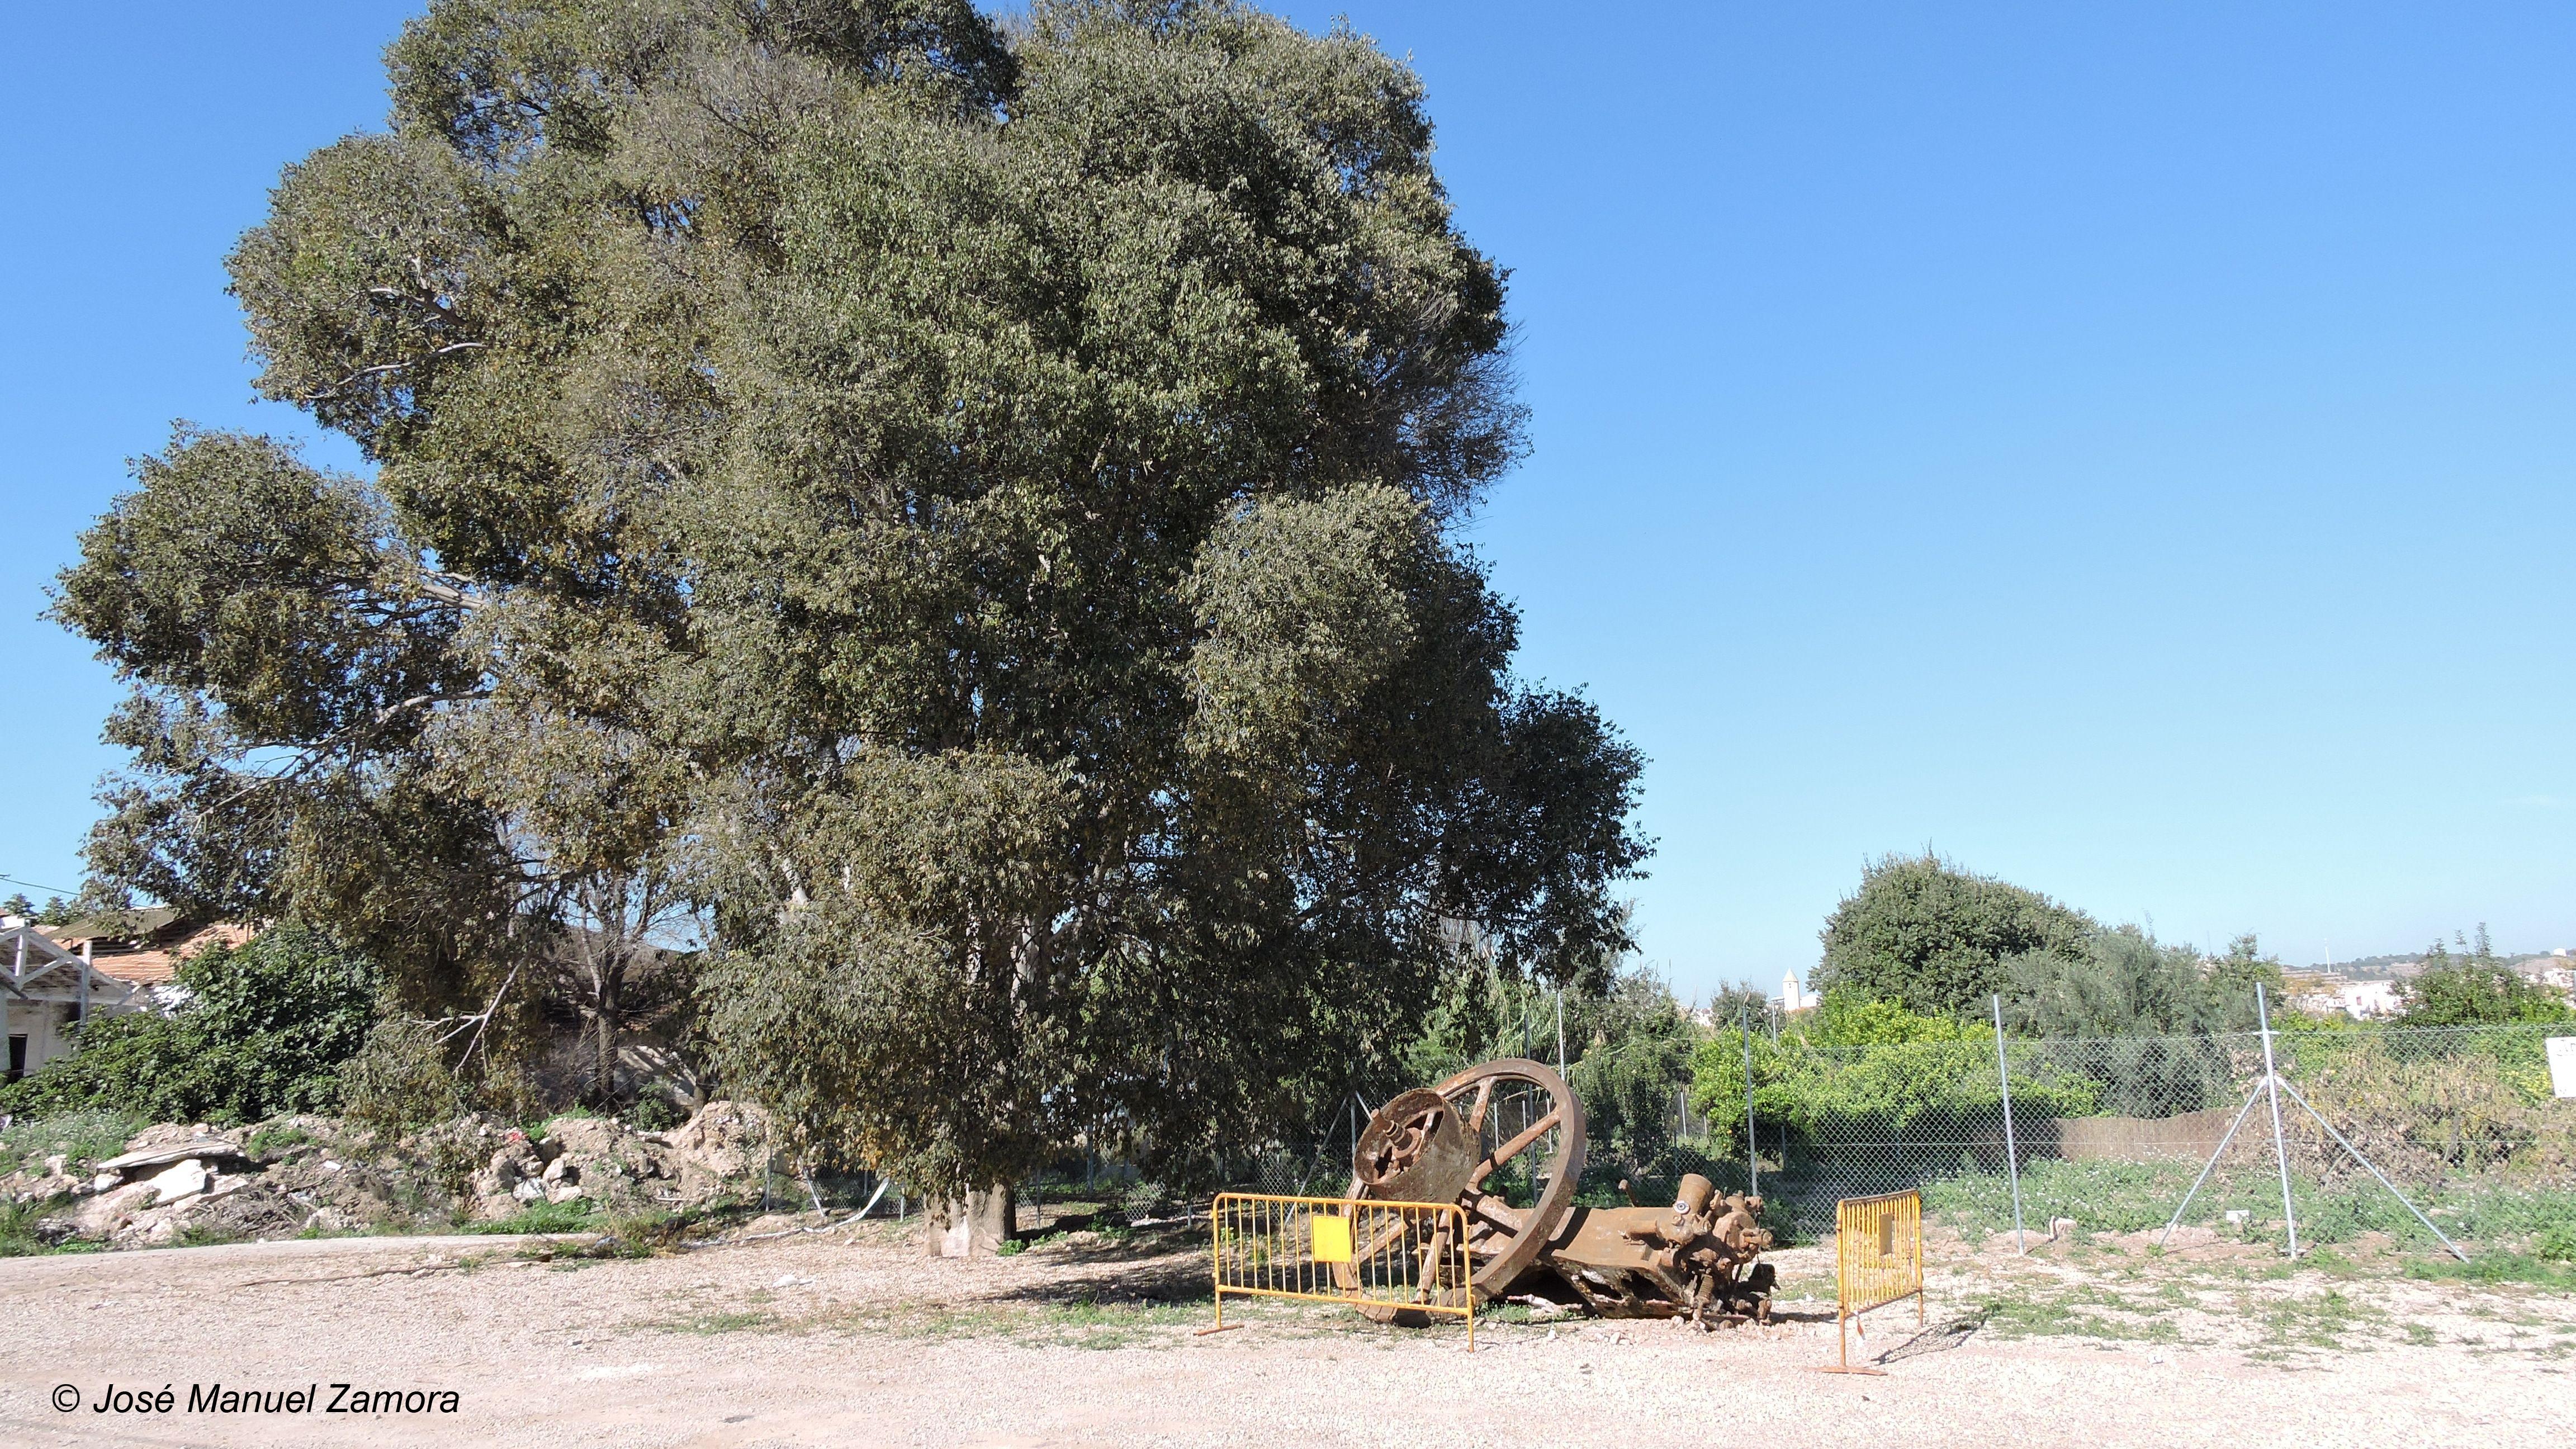 Almez de Puebla de Soto, en 2015. Al lado, una rueda de molina desenterrada bajo el árbol. Imagen: JM Zamora